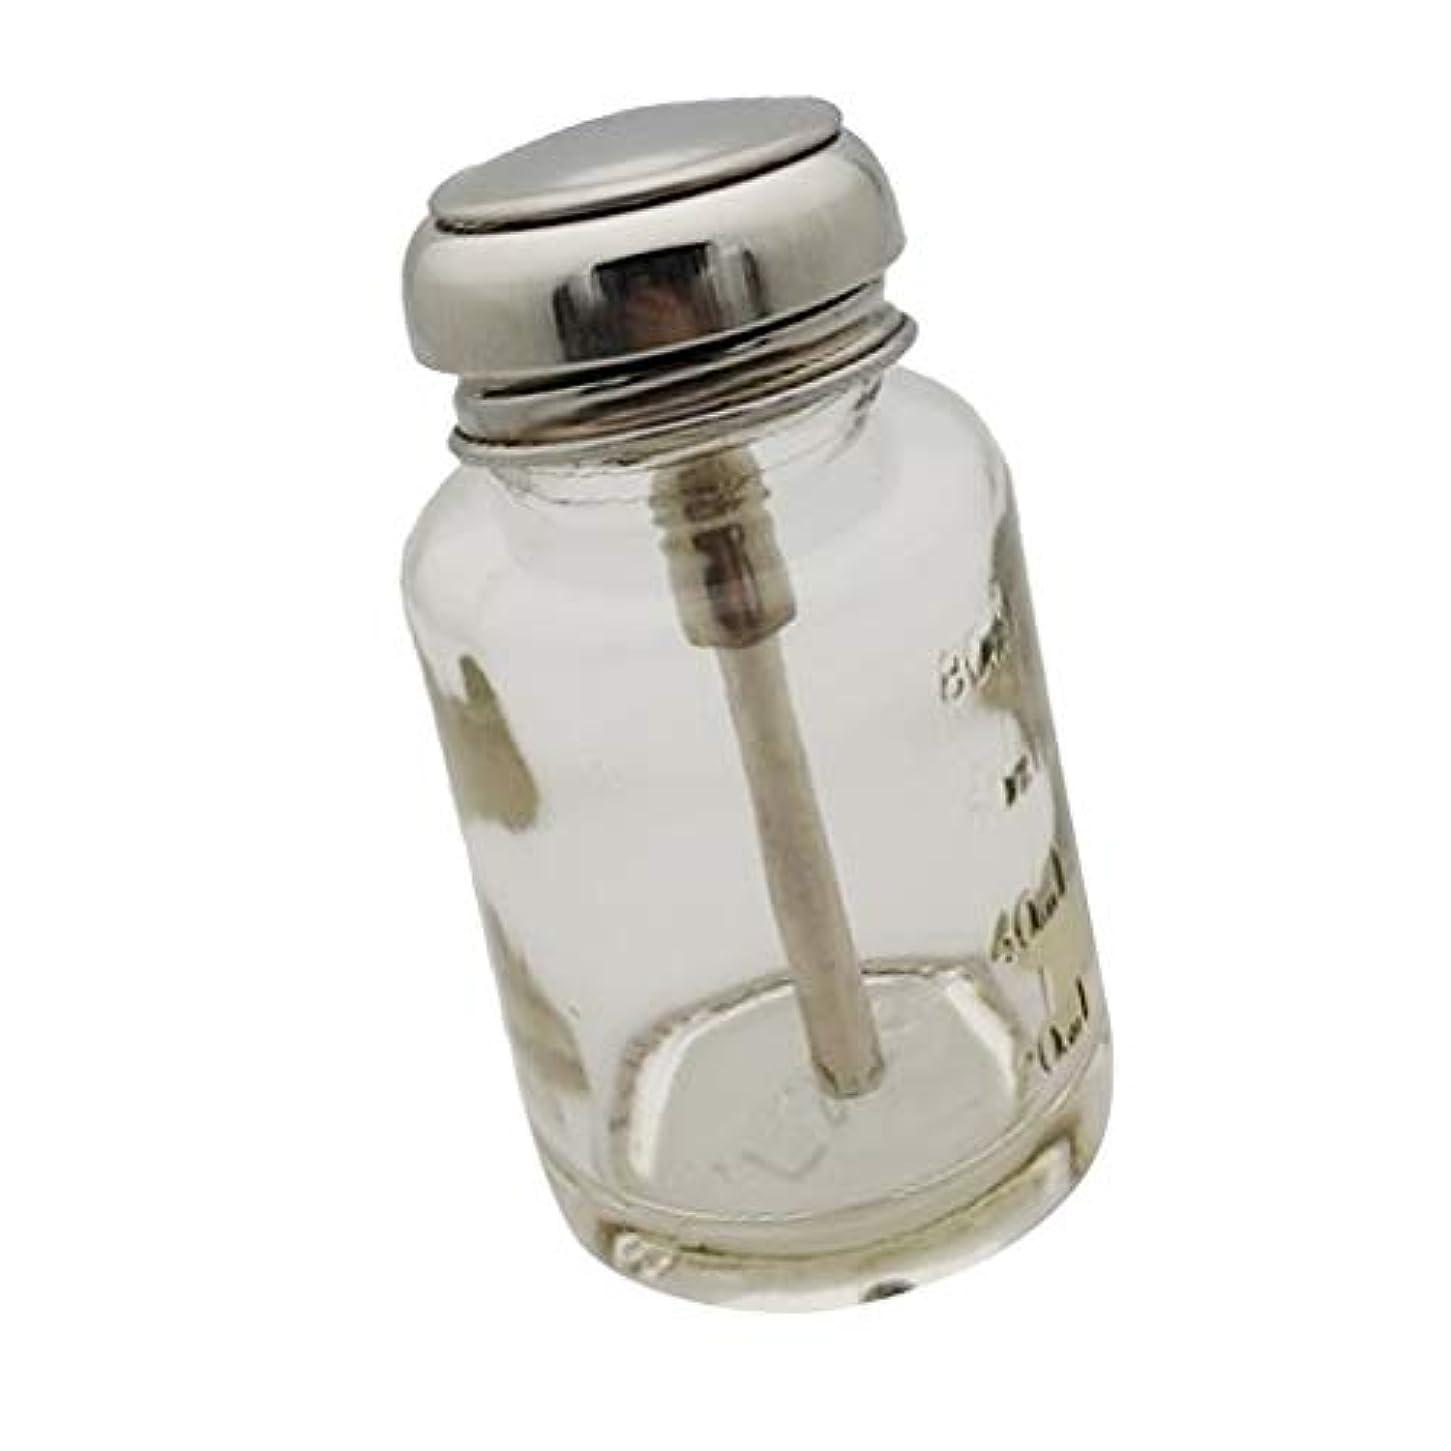 生活設計魔法DYNWAVE プレスボトル ガラスボトル 押し下げ ポンプボトル ネイルポリッシュリムーバー メイク落とし ディスペンサー